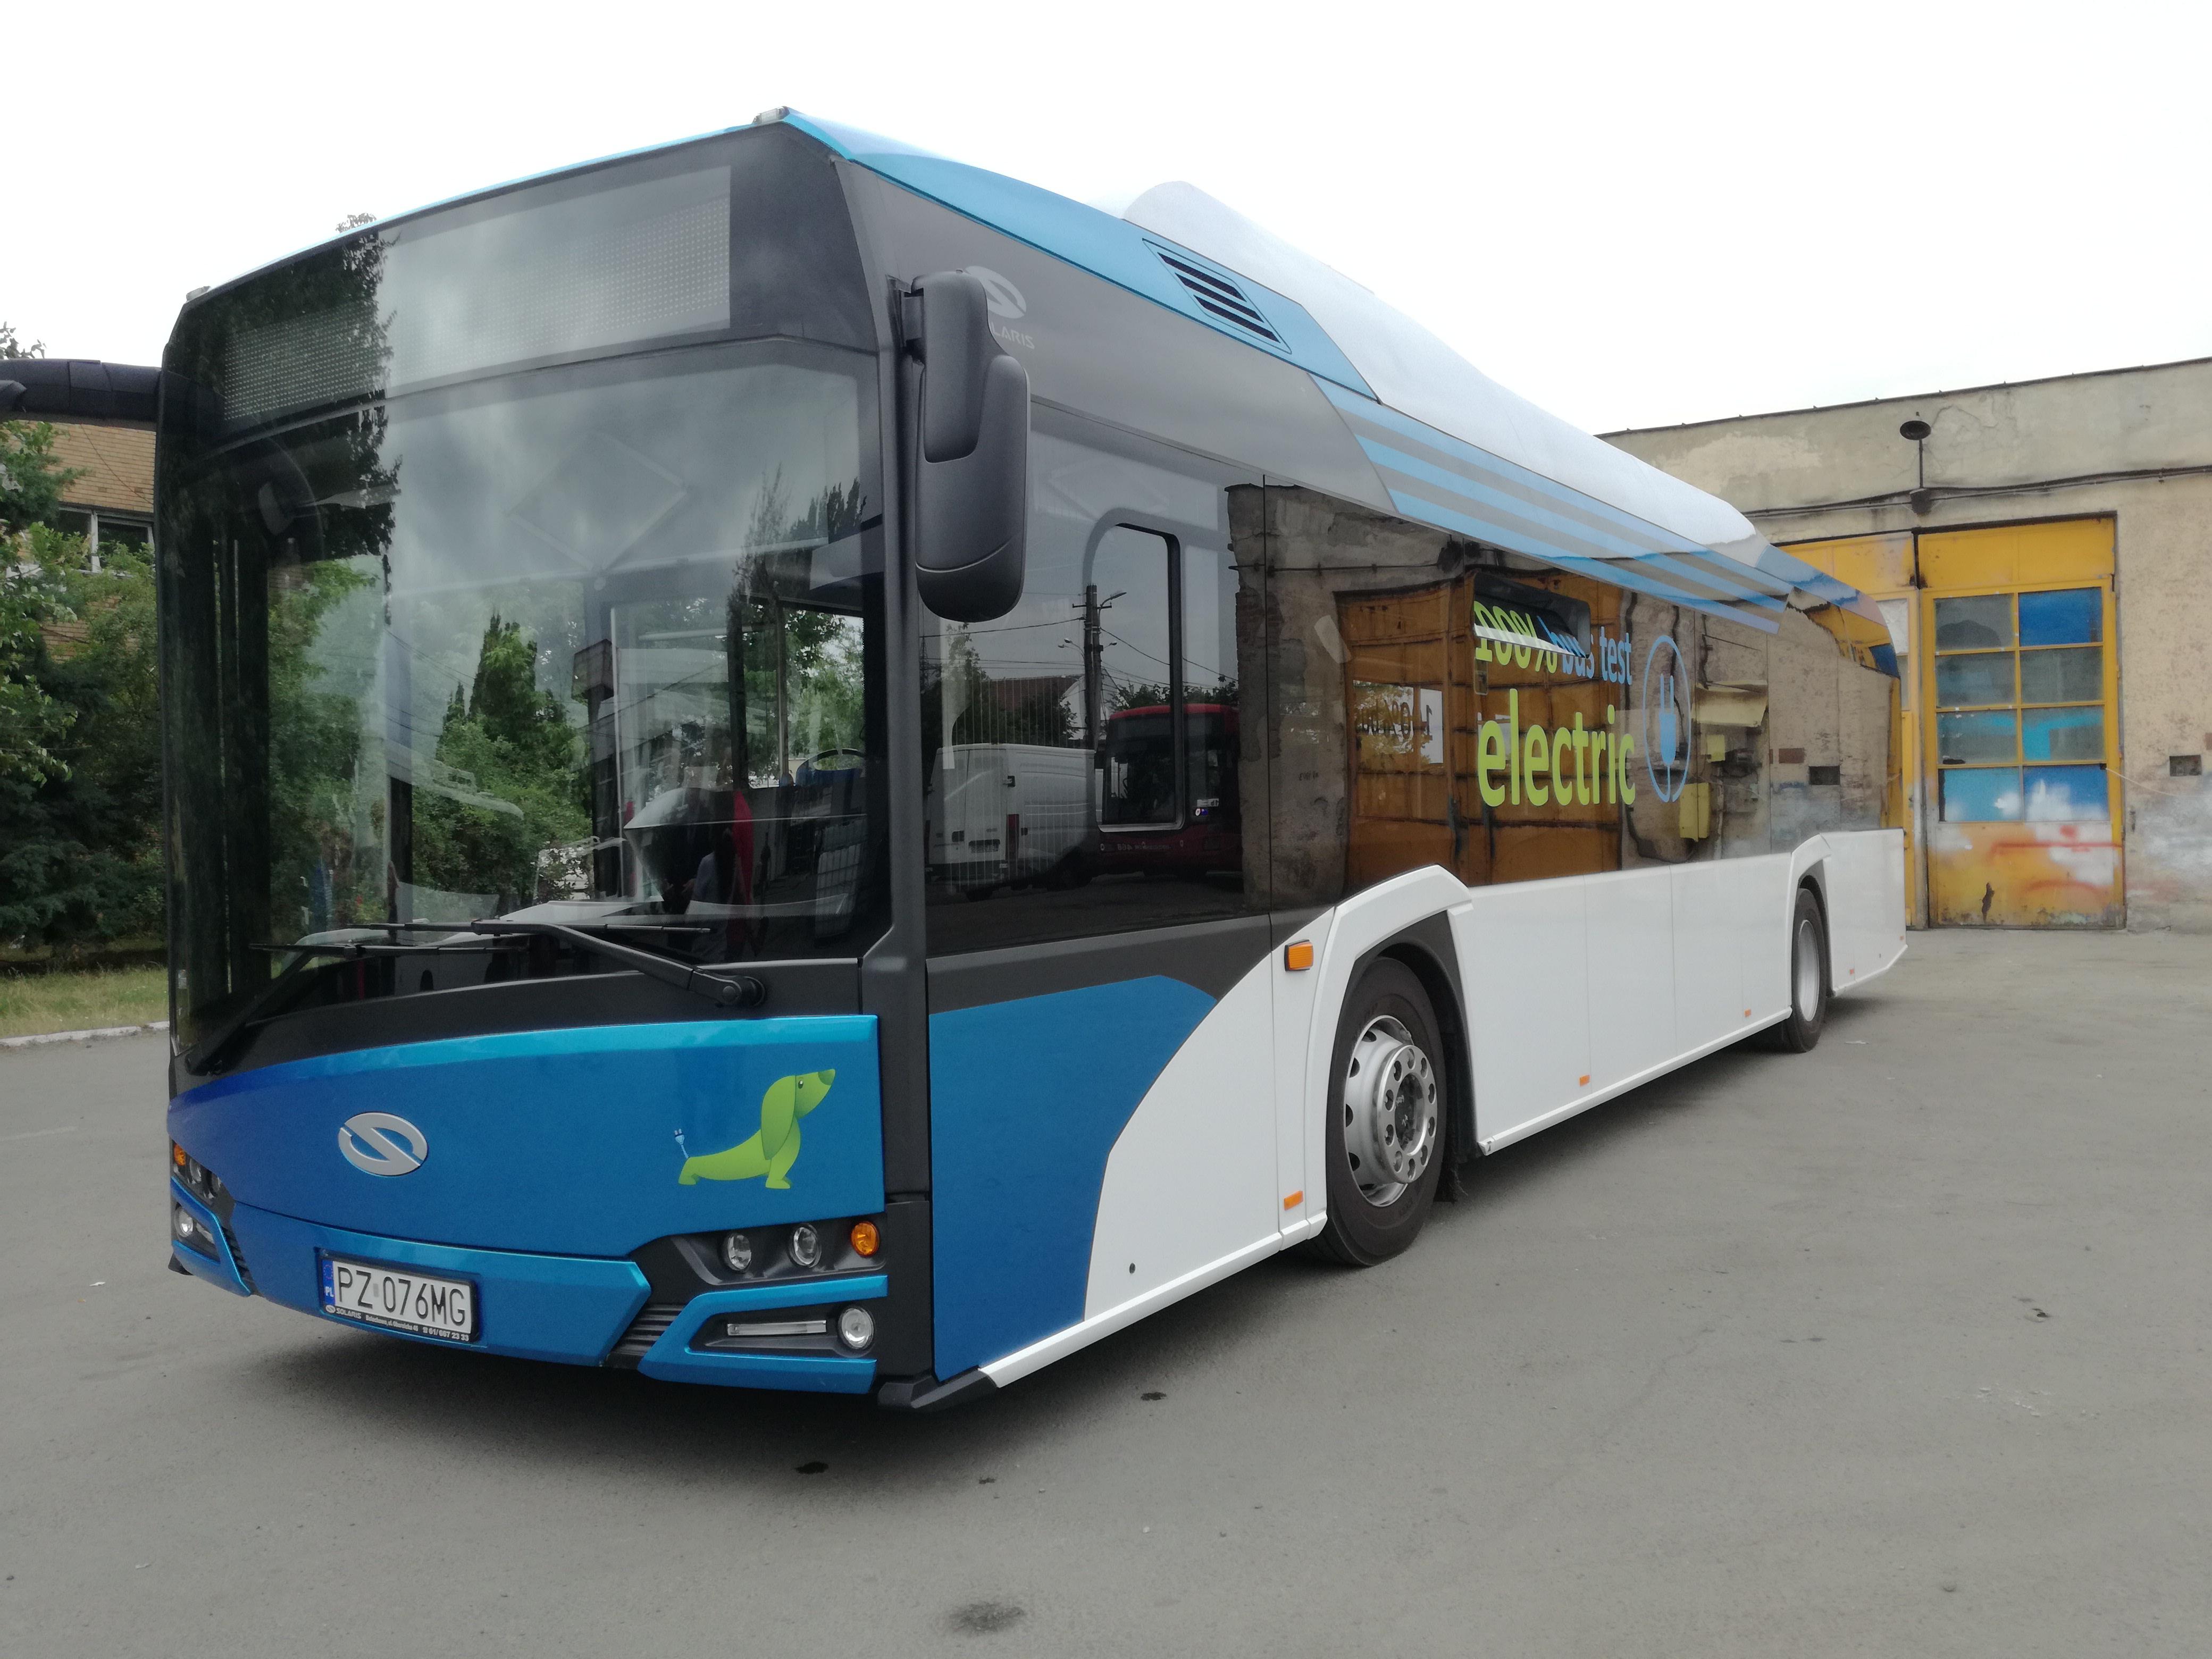 Plimbări gratuite cu Solaris, `autobuzul electric al anului 2017`, la Craiova. Nu produce şocuri sau vibraţii în timpul mersului